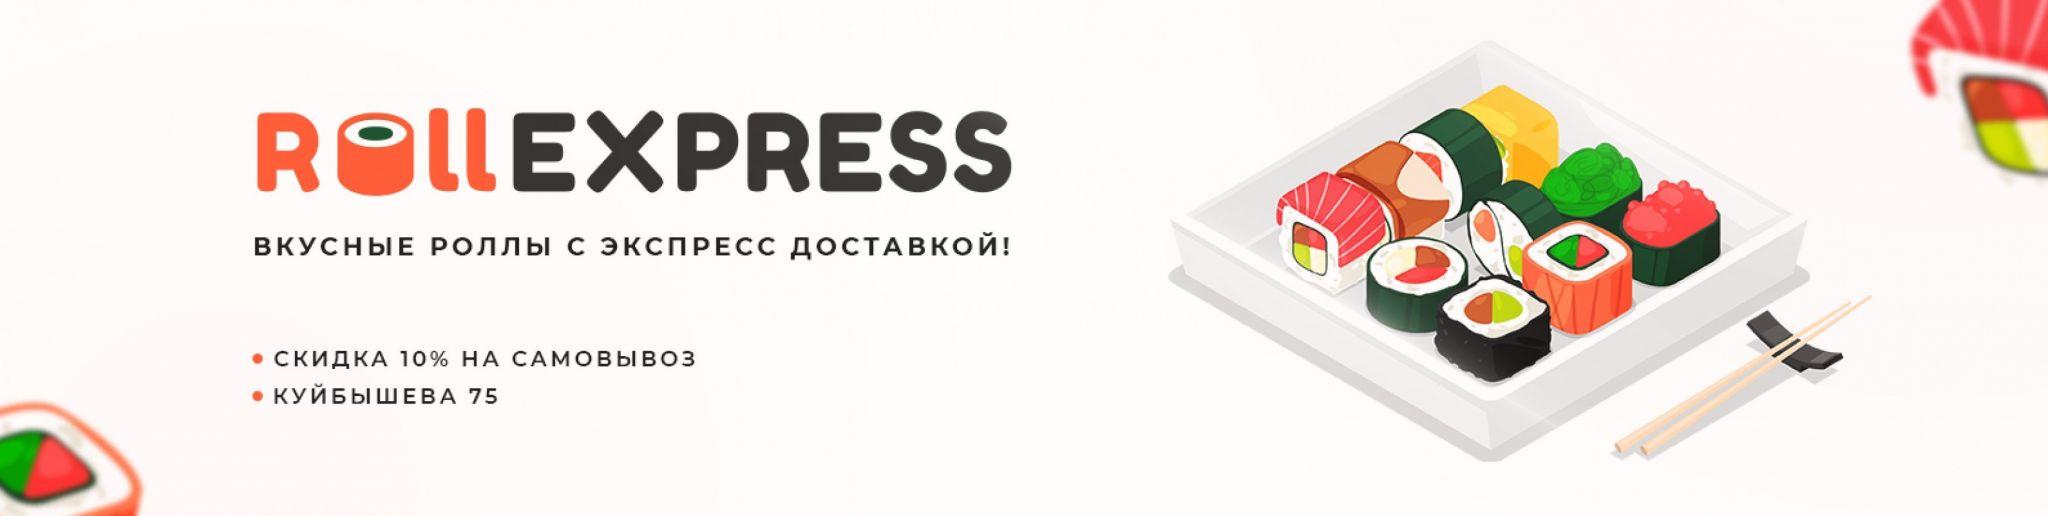 Roll Express